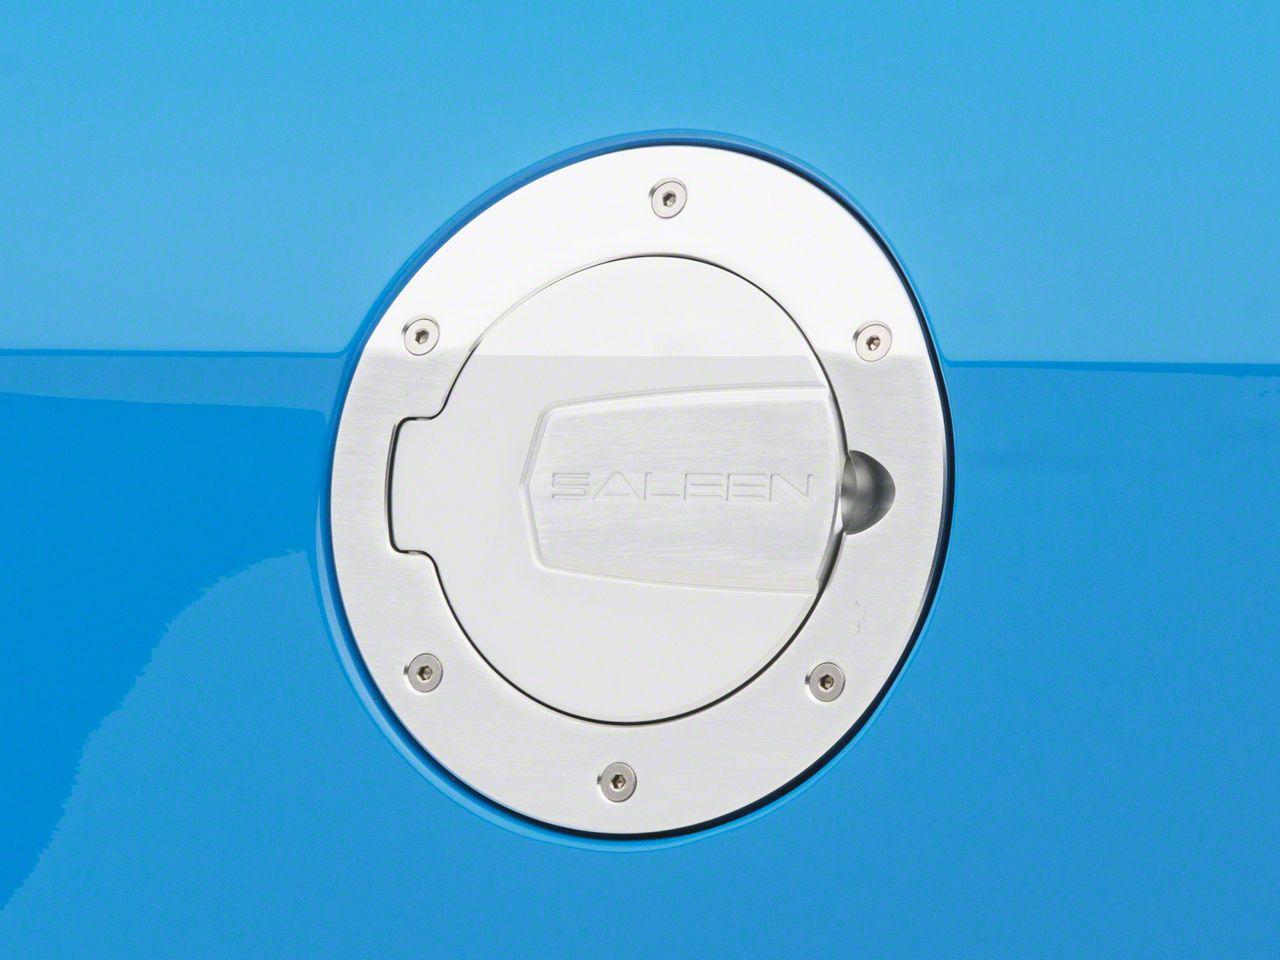 Saleen S302 Brushed Aluminum Fuel Door (10-14 All)